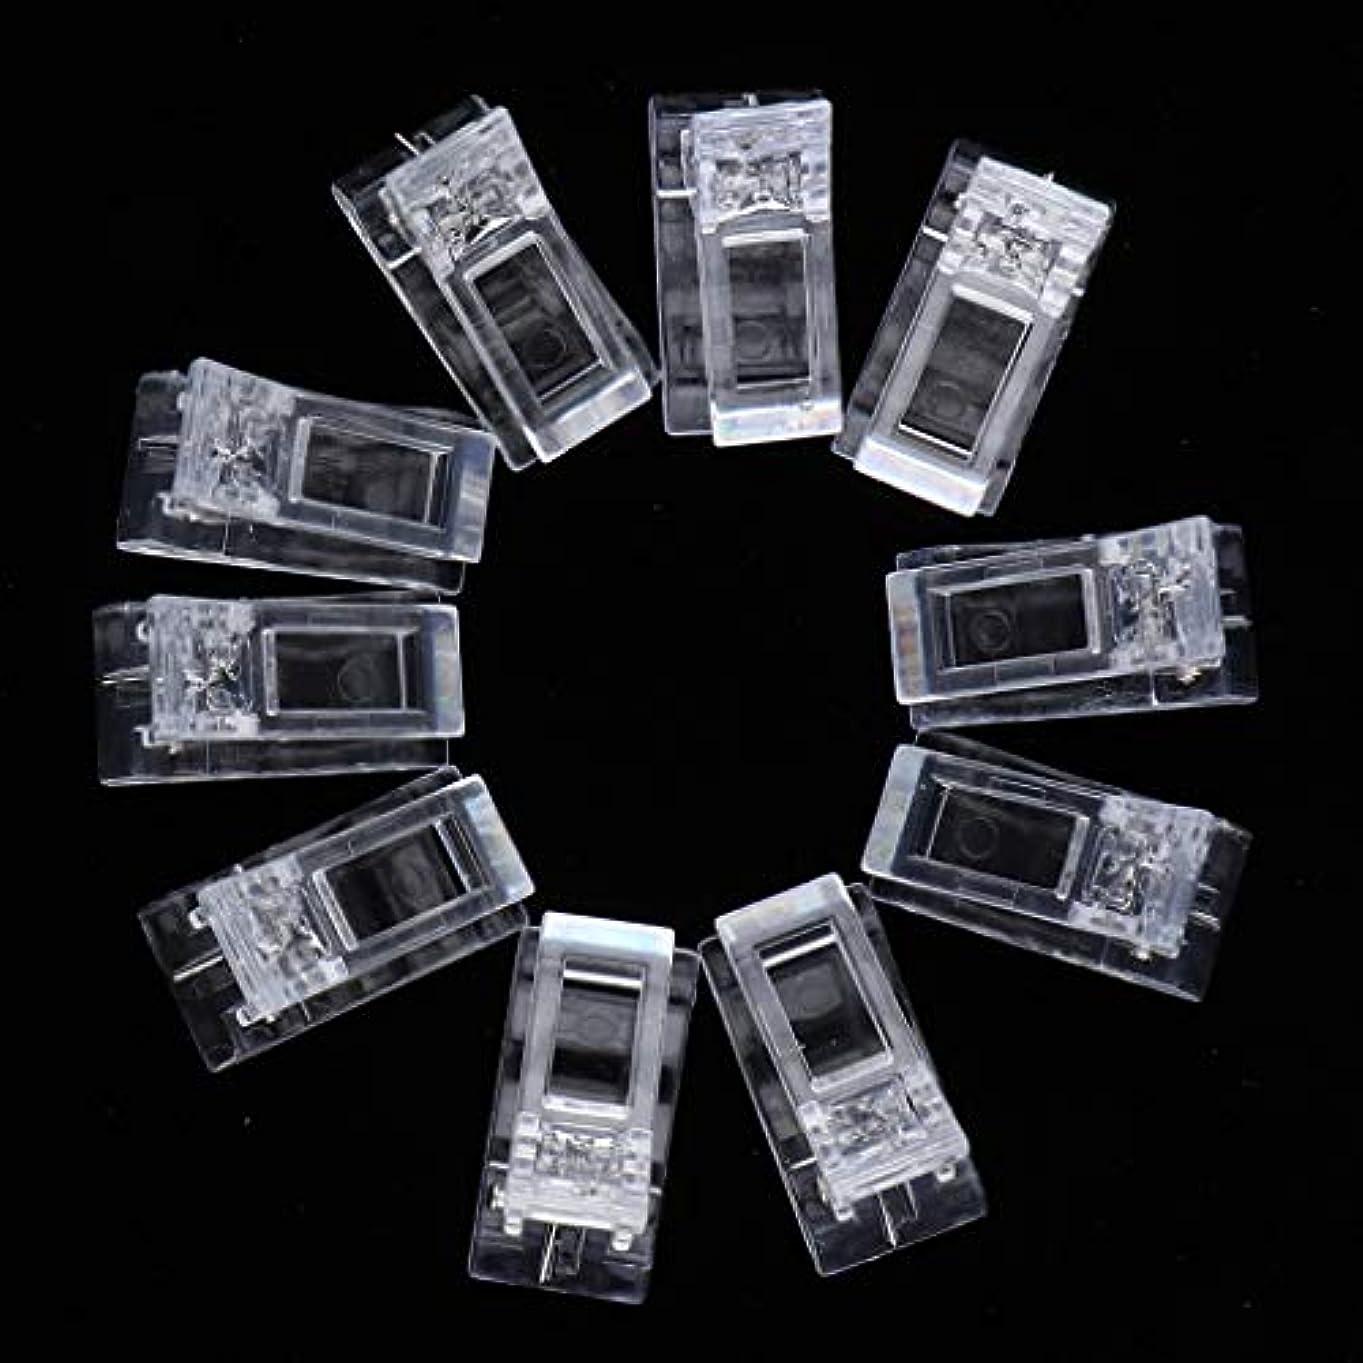 はしご大西洋お願いします10倍ポリゲルクイックビルディングネイルチップクリップフィンガーUV LEDプラスチックネイルツール